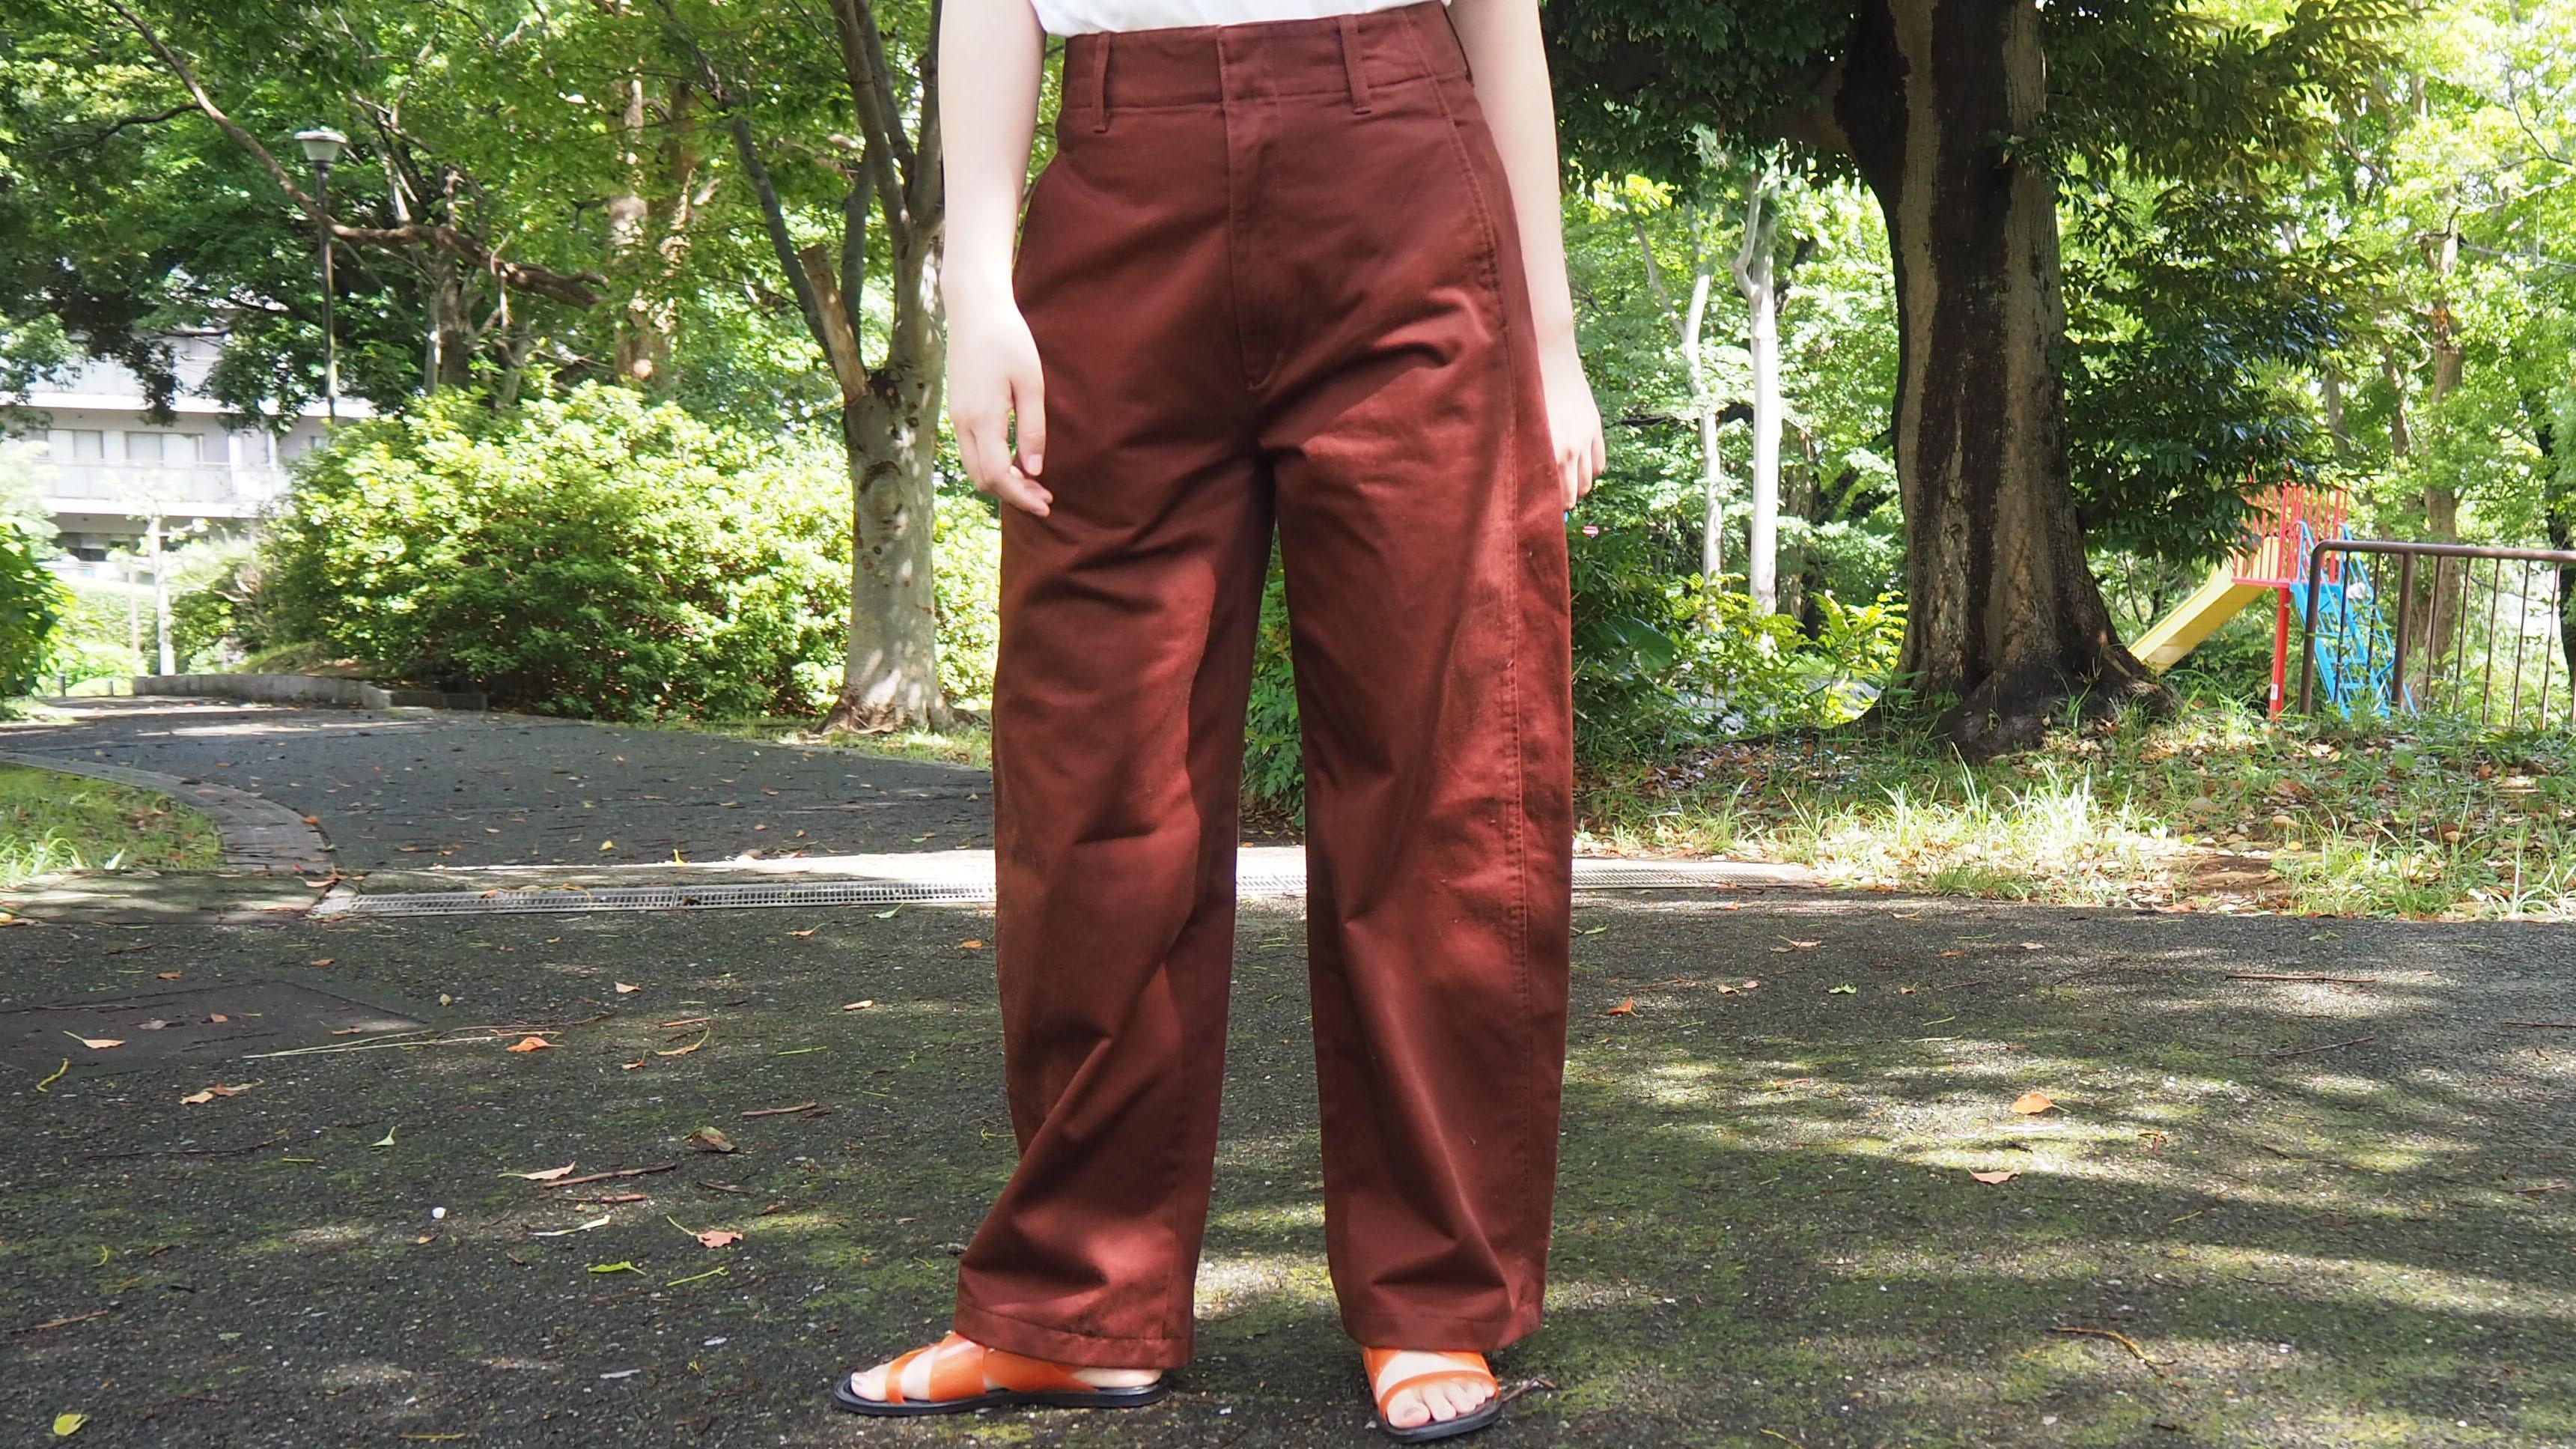 これに慣れたら他のなんて履けない。ユニクロの新作カーブパンツ、シルエットが良すぎるな…│マイ定番スタイル